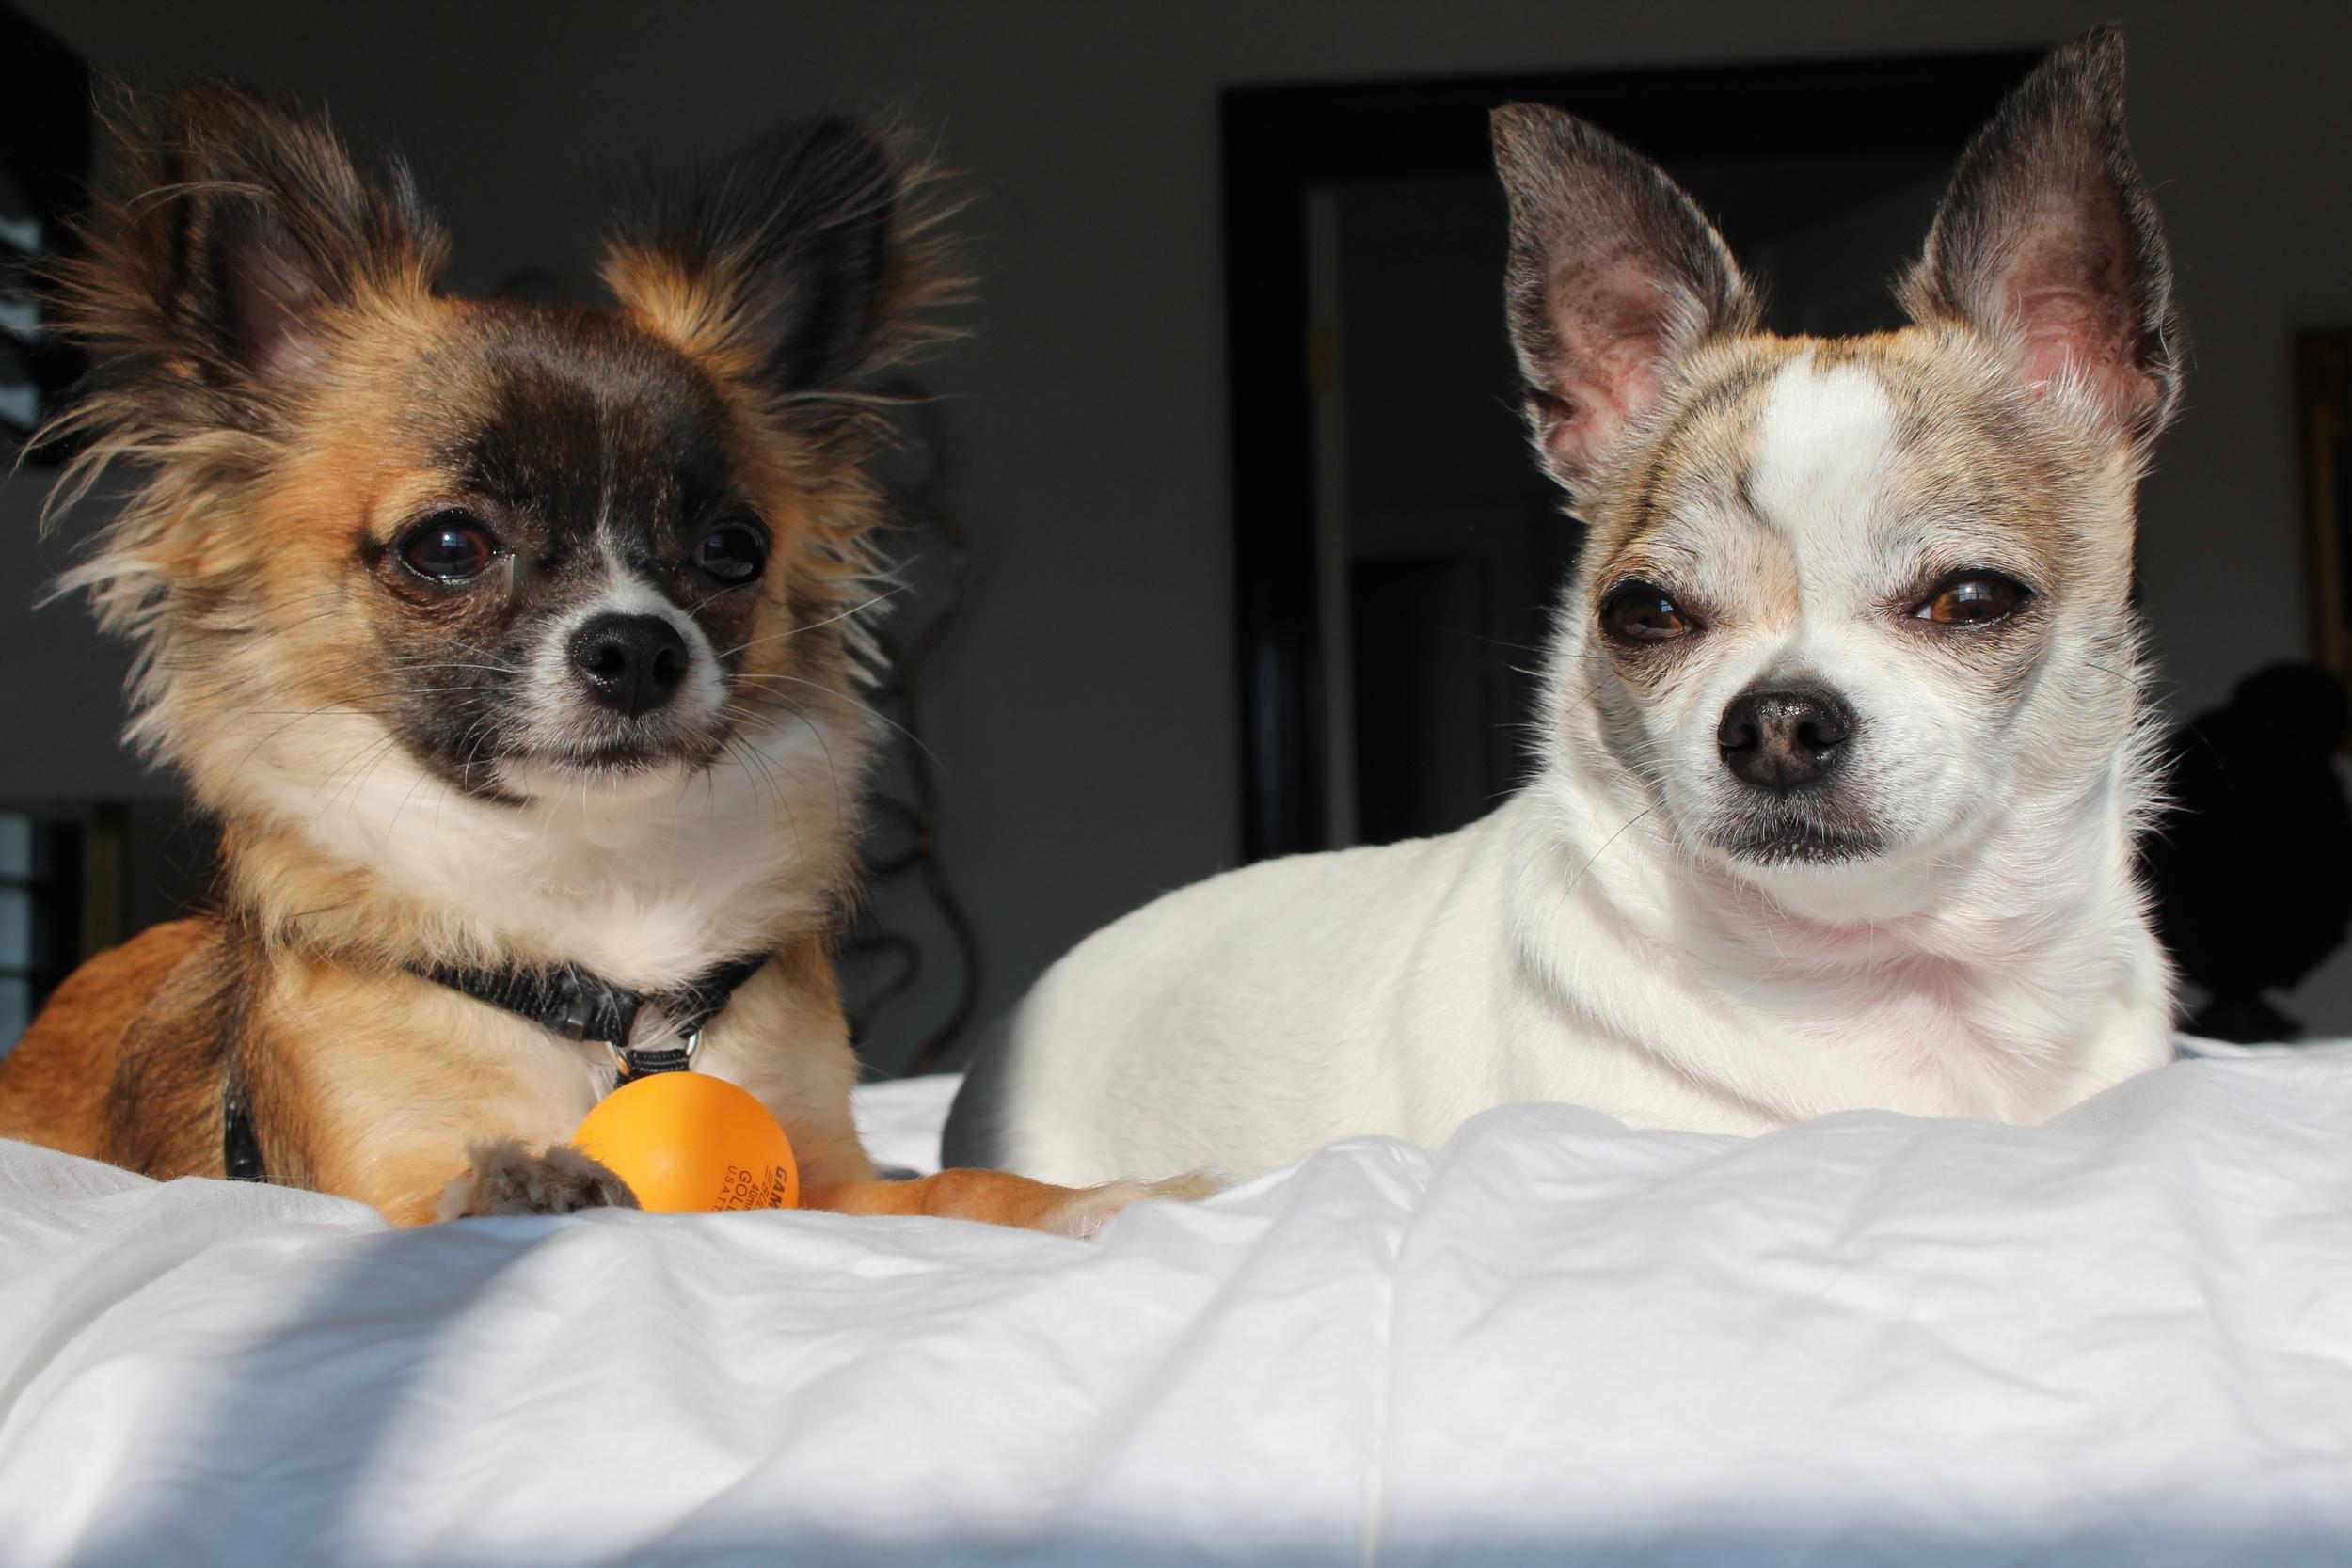 Frankie and Chiefy